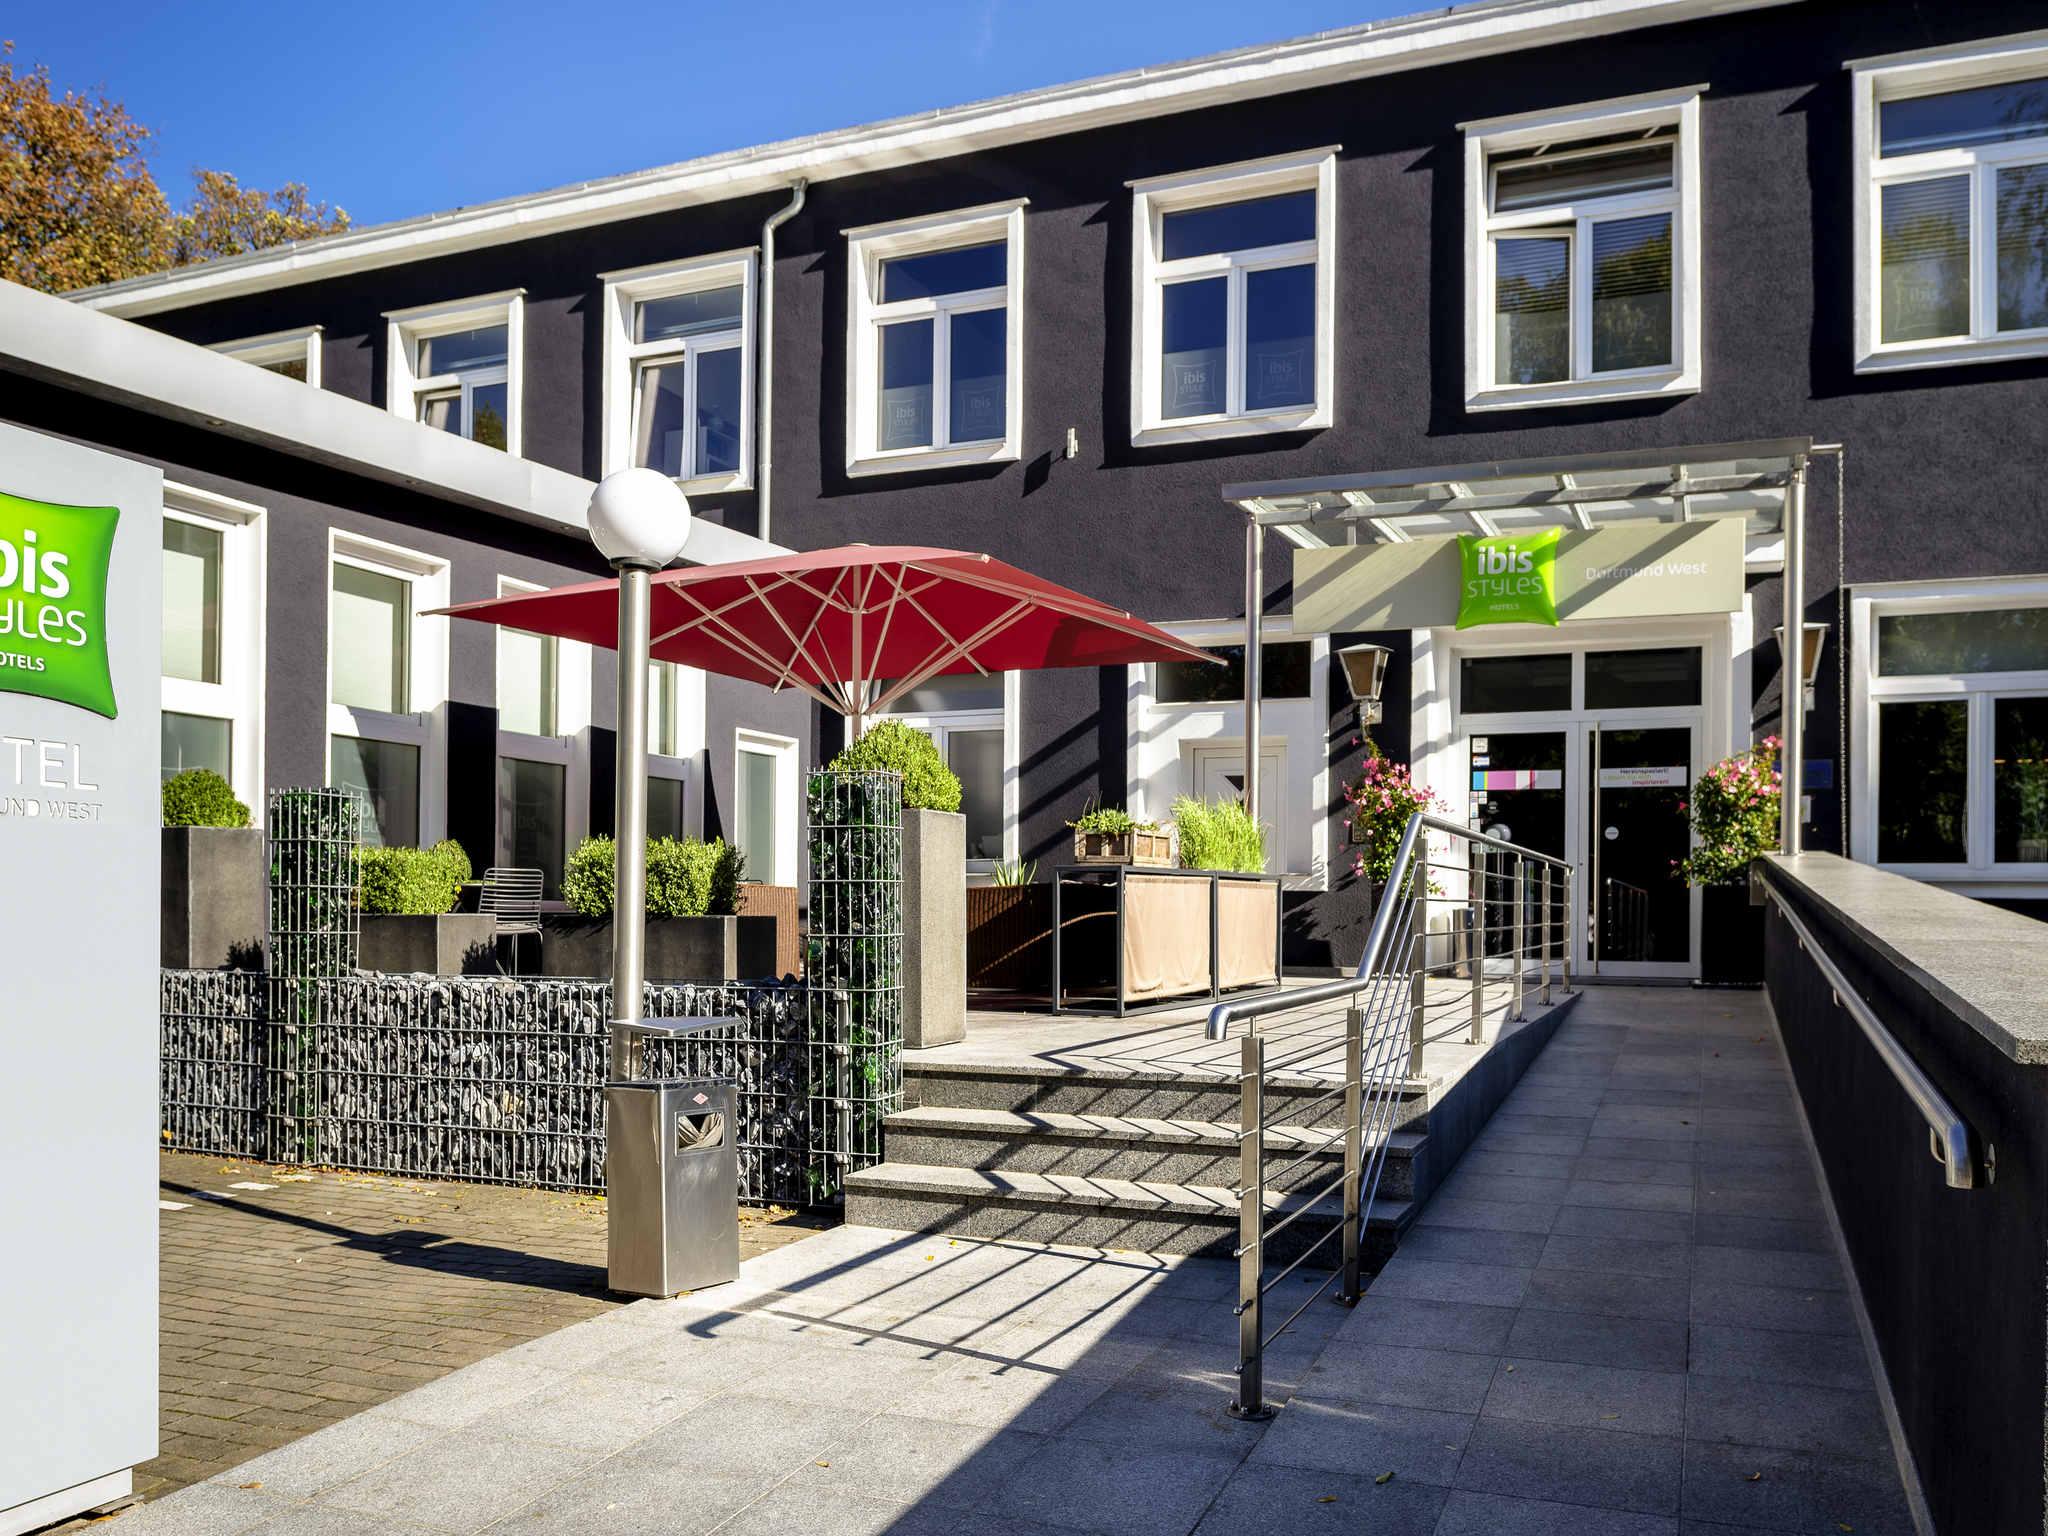 Hotel – ibis Styles Dortmund West